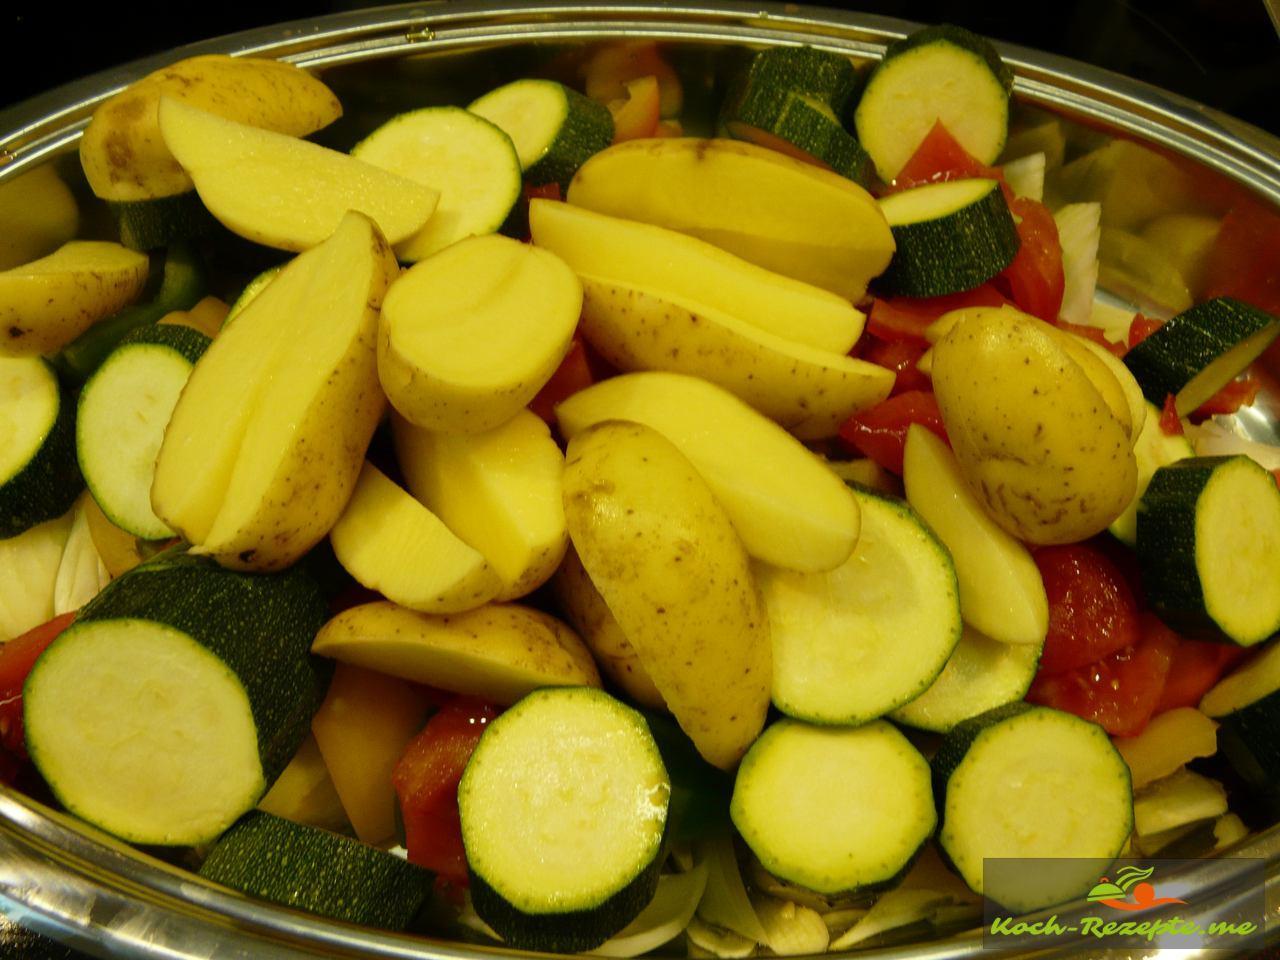 Gemüse in einen Bratentopf verteilen und würzen